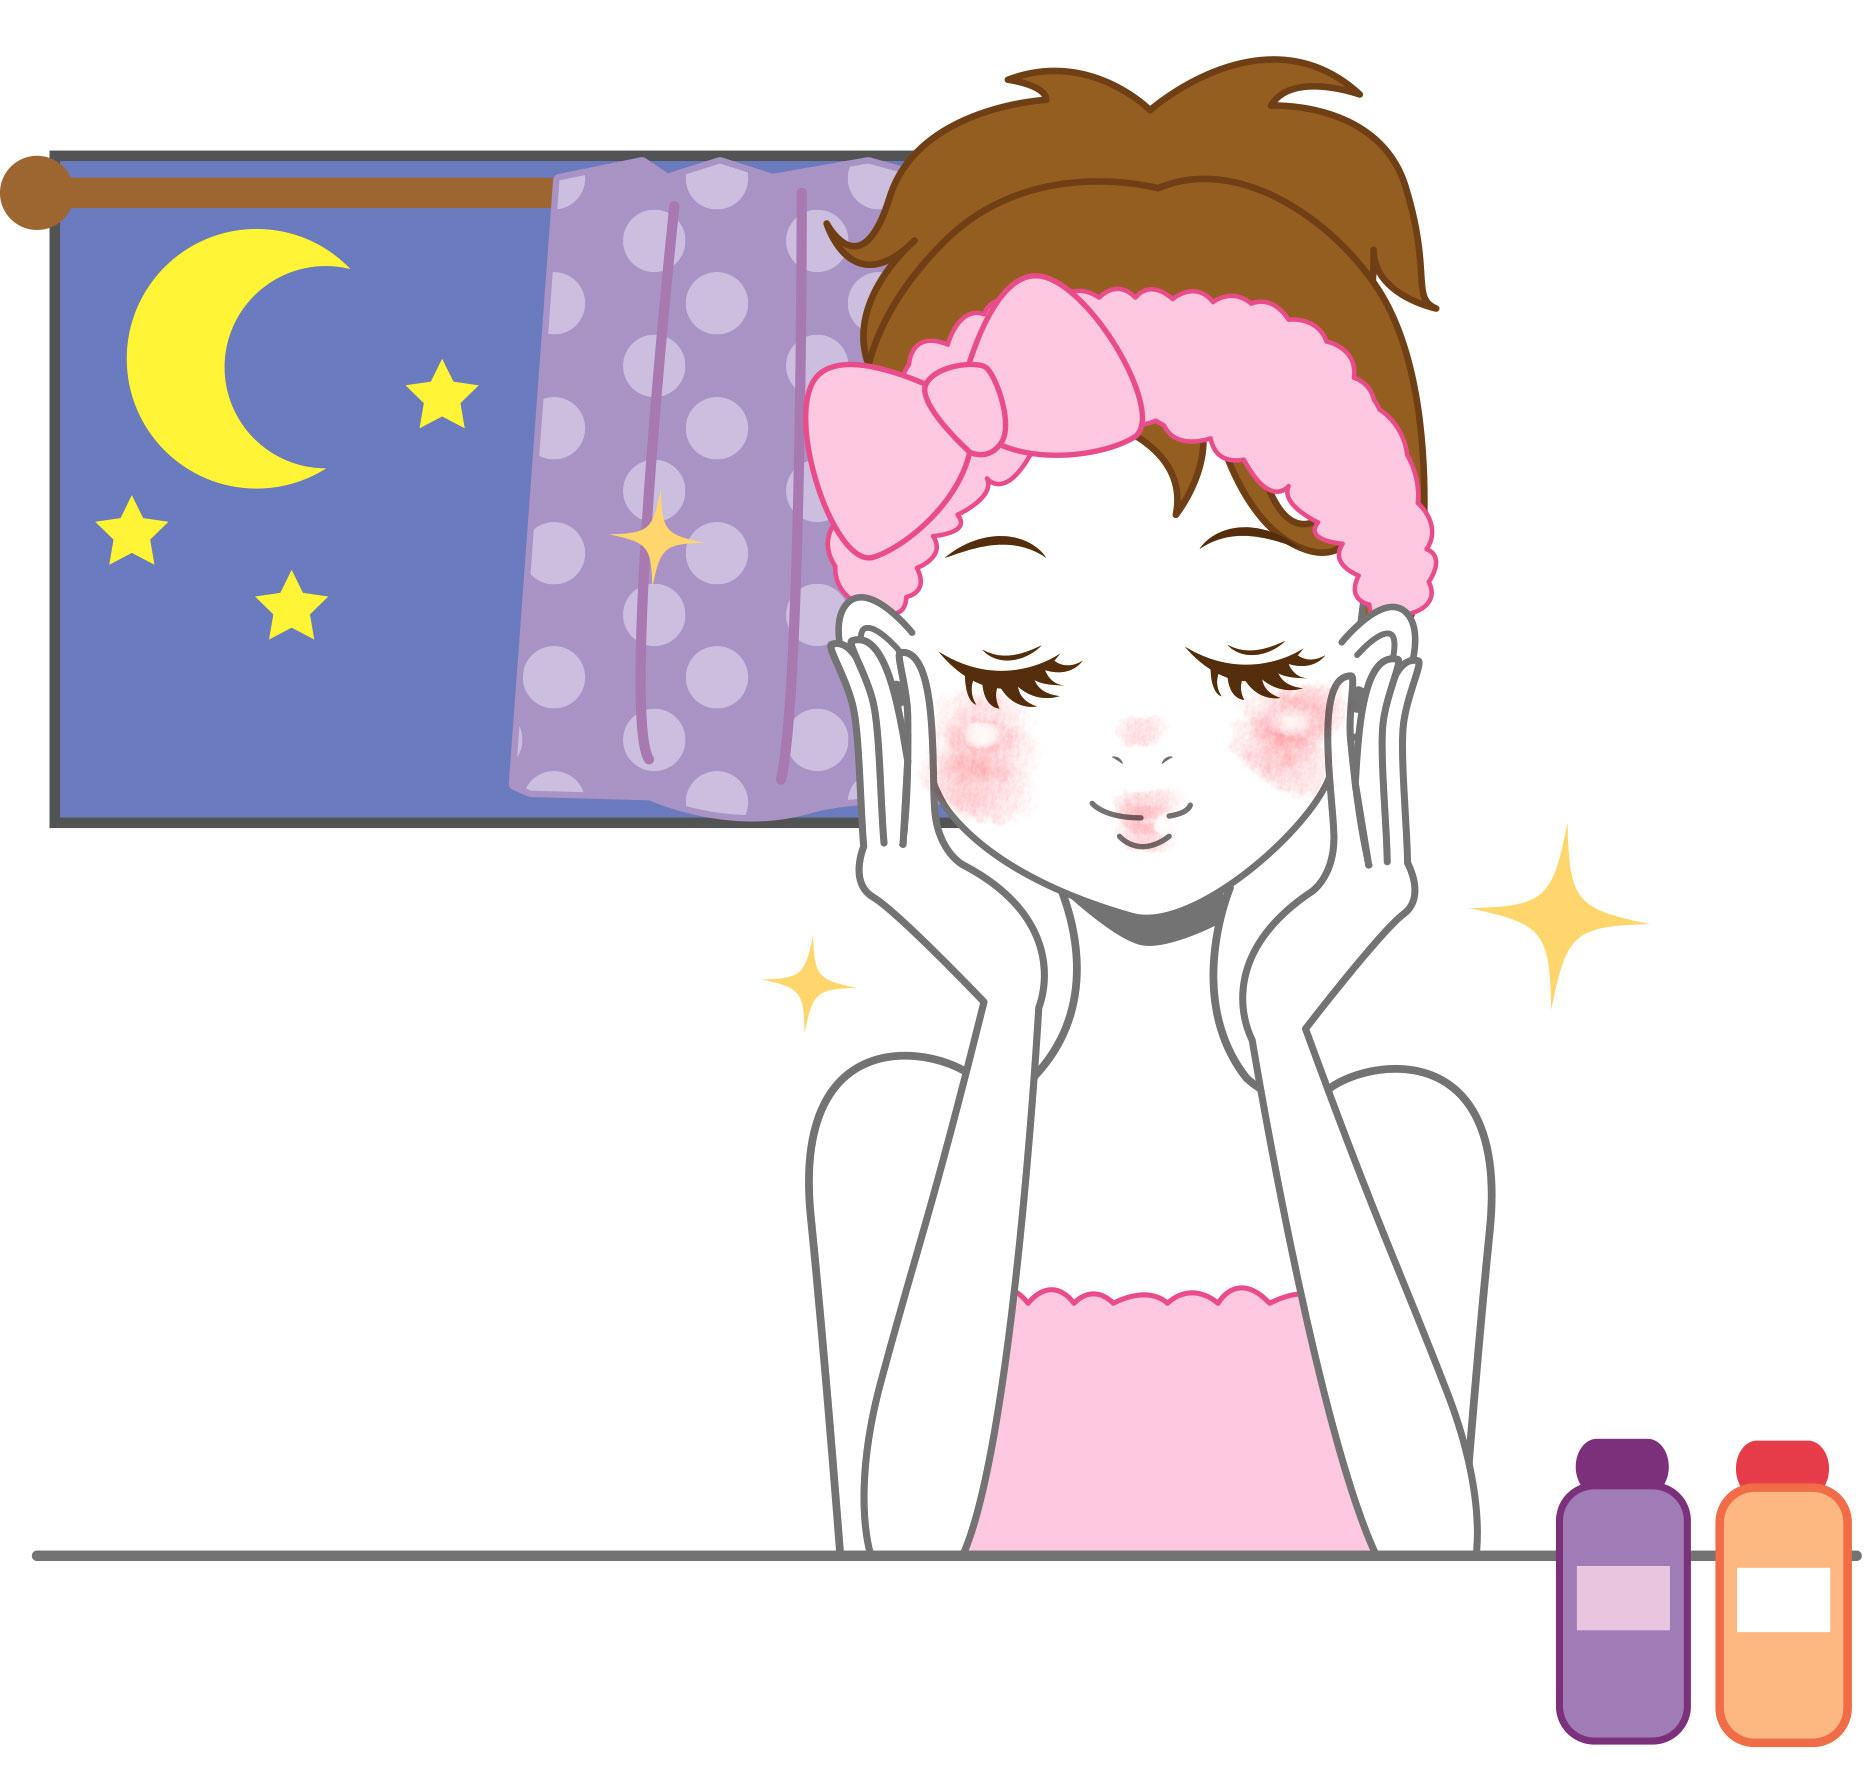 乾燥肌を体質改善する方法!乾燥肌にいい食べ物は?保湿に優れたおすすめ製品!